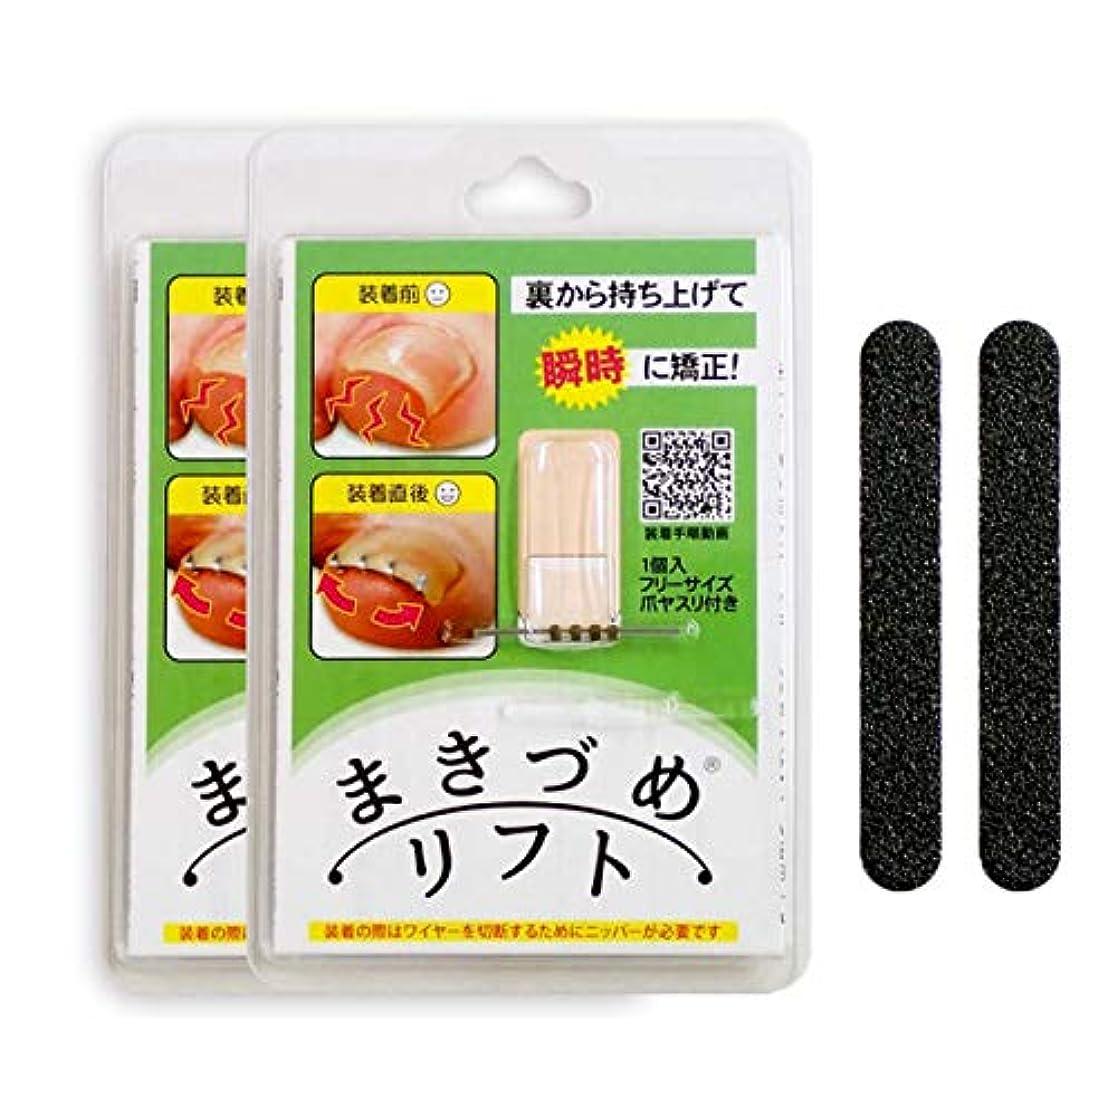 奇妙なモール食事を調理するNEW 巻き爪 巻き爪リフト やすり付き (巻き爪リフト 2個セット)